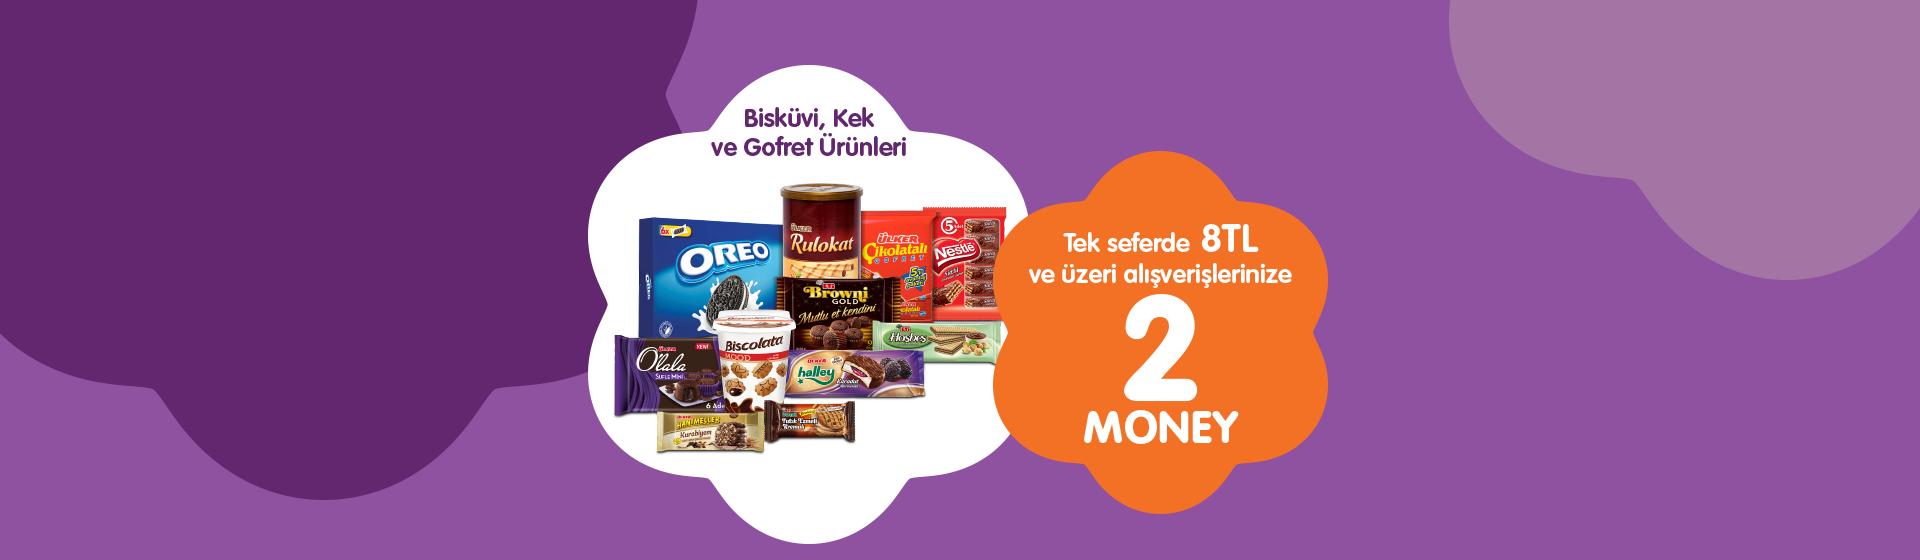 Bisküvi, Kek, Gofret Money Kampanyası